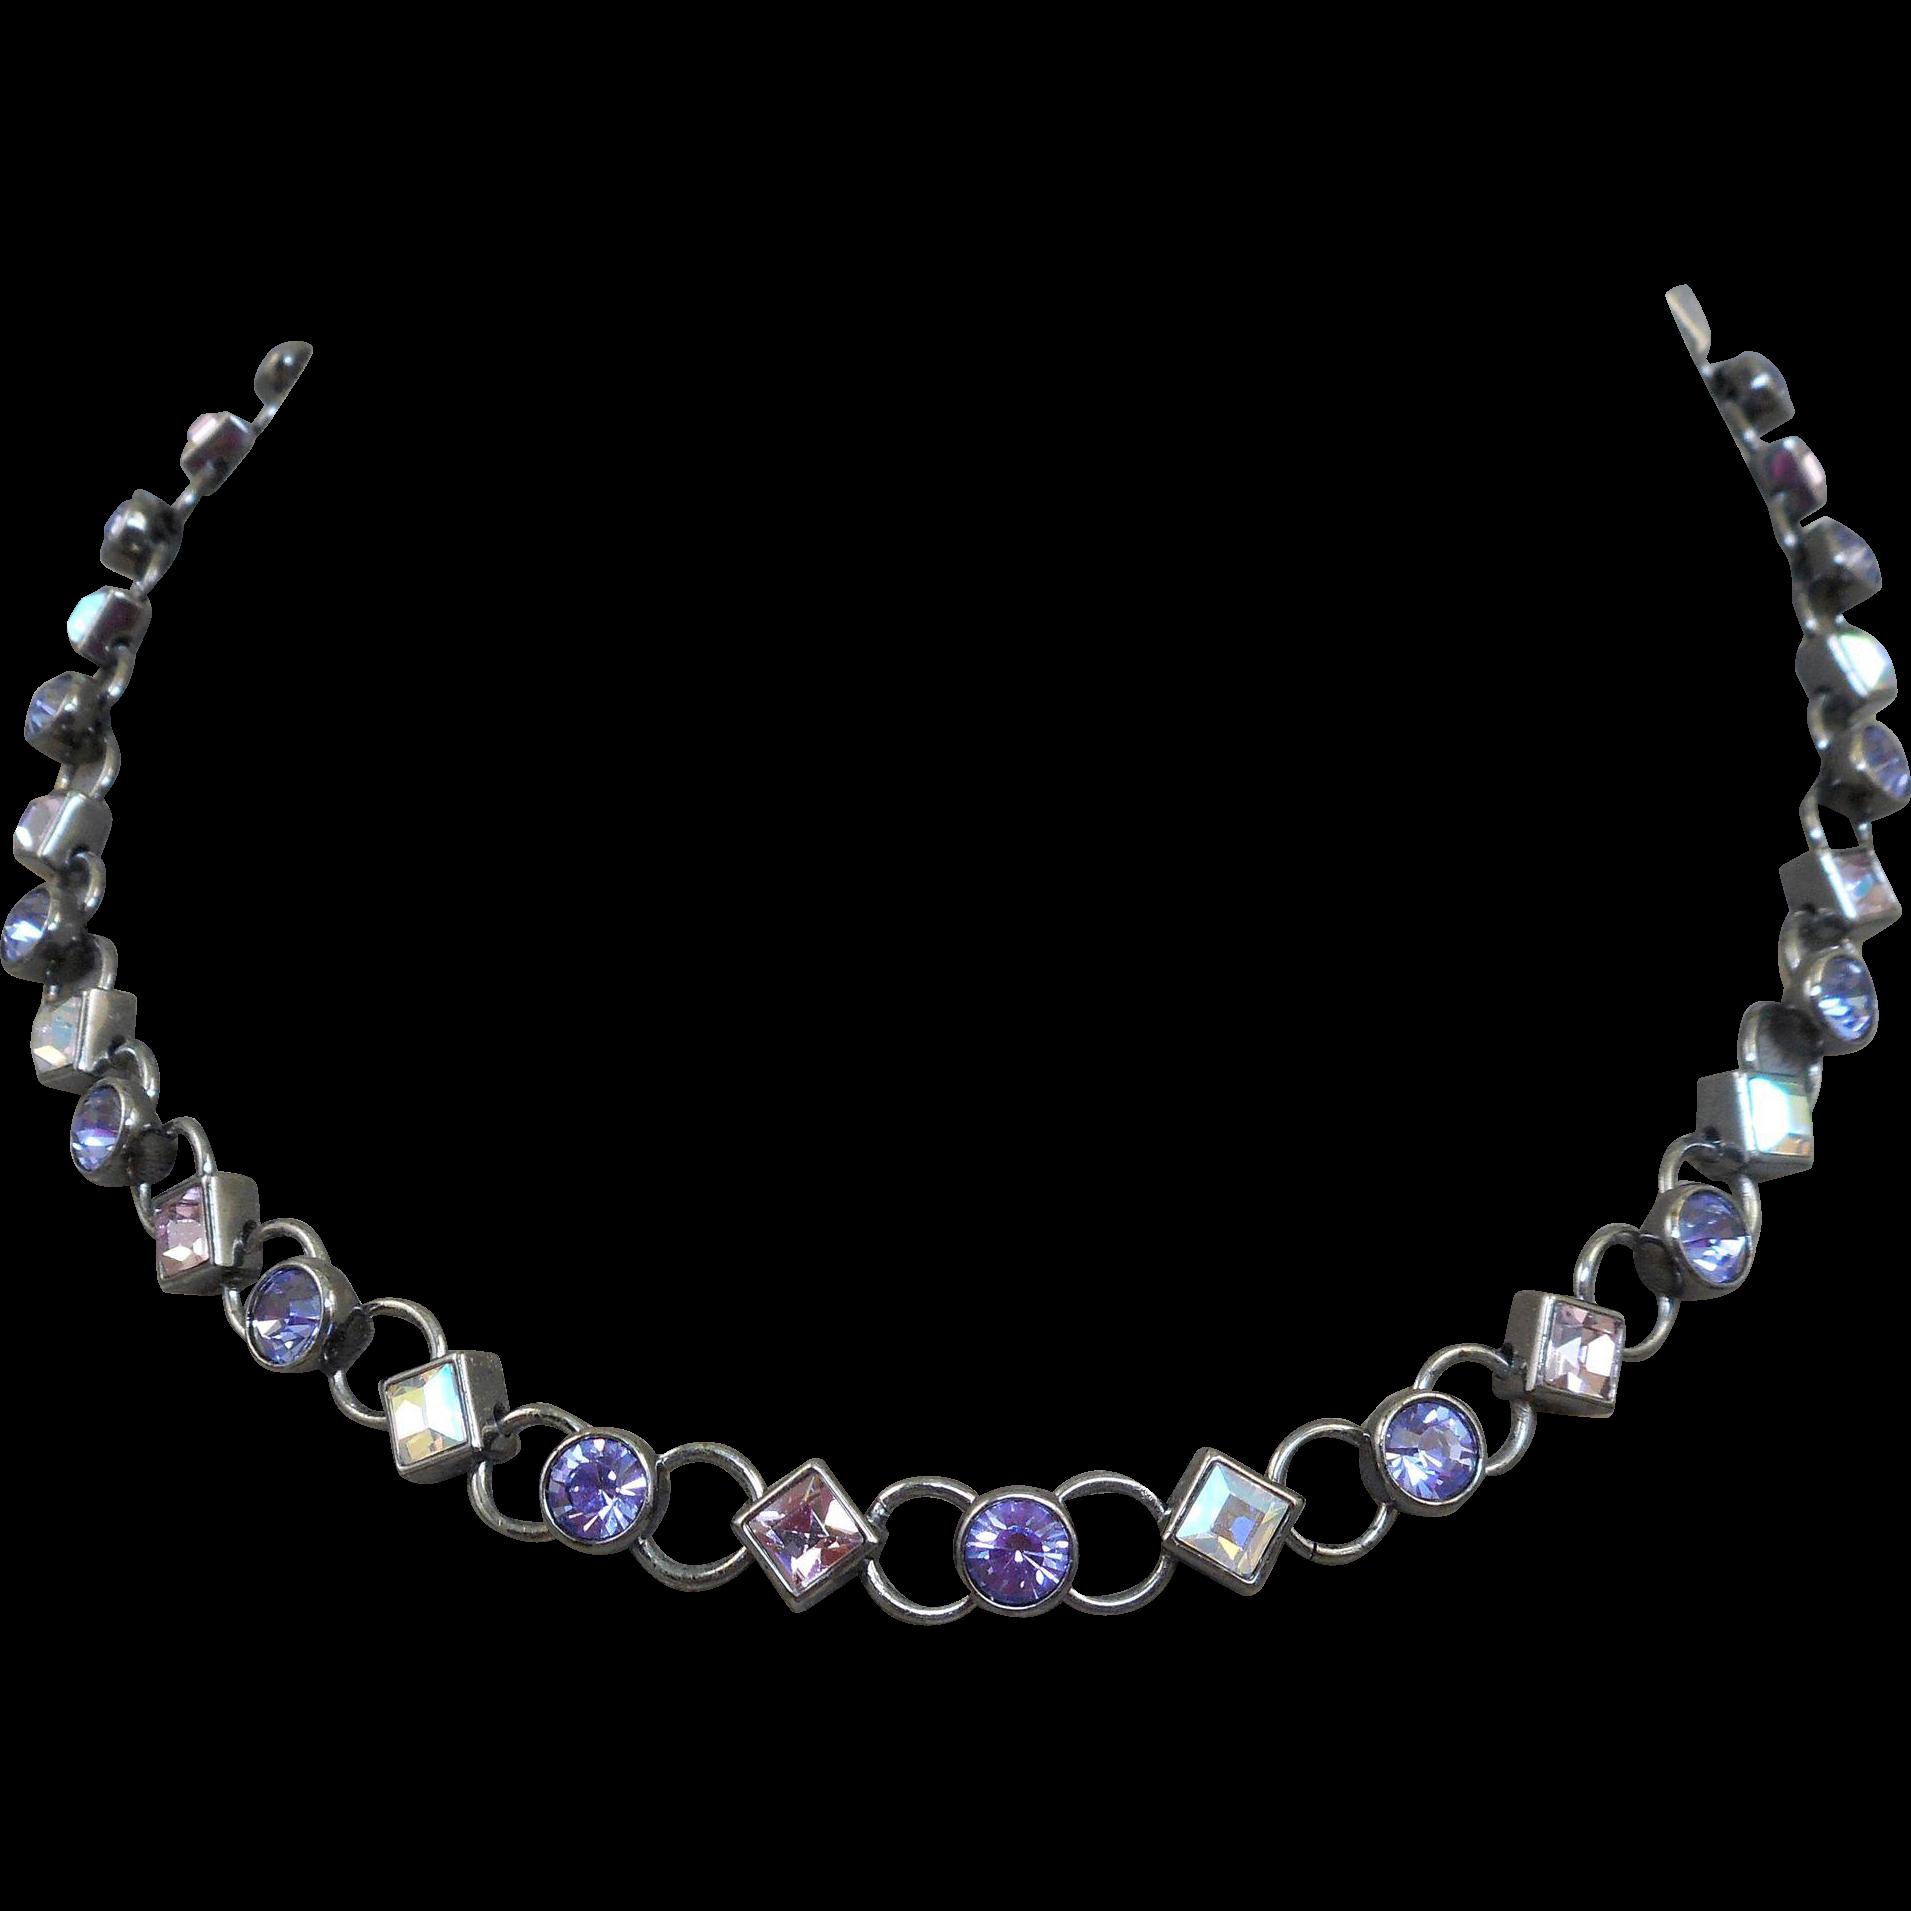 Givenchy Purple Rhinestone Necklace